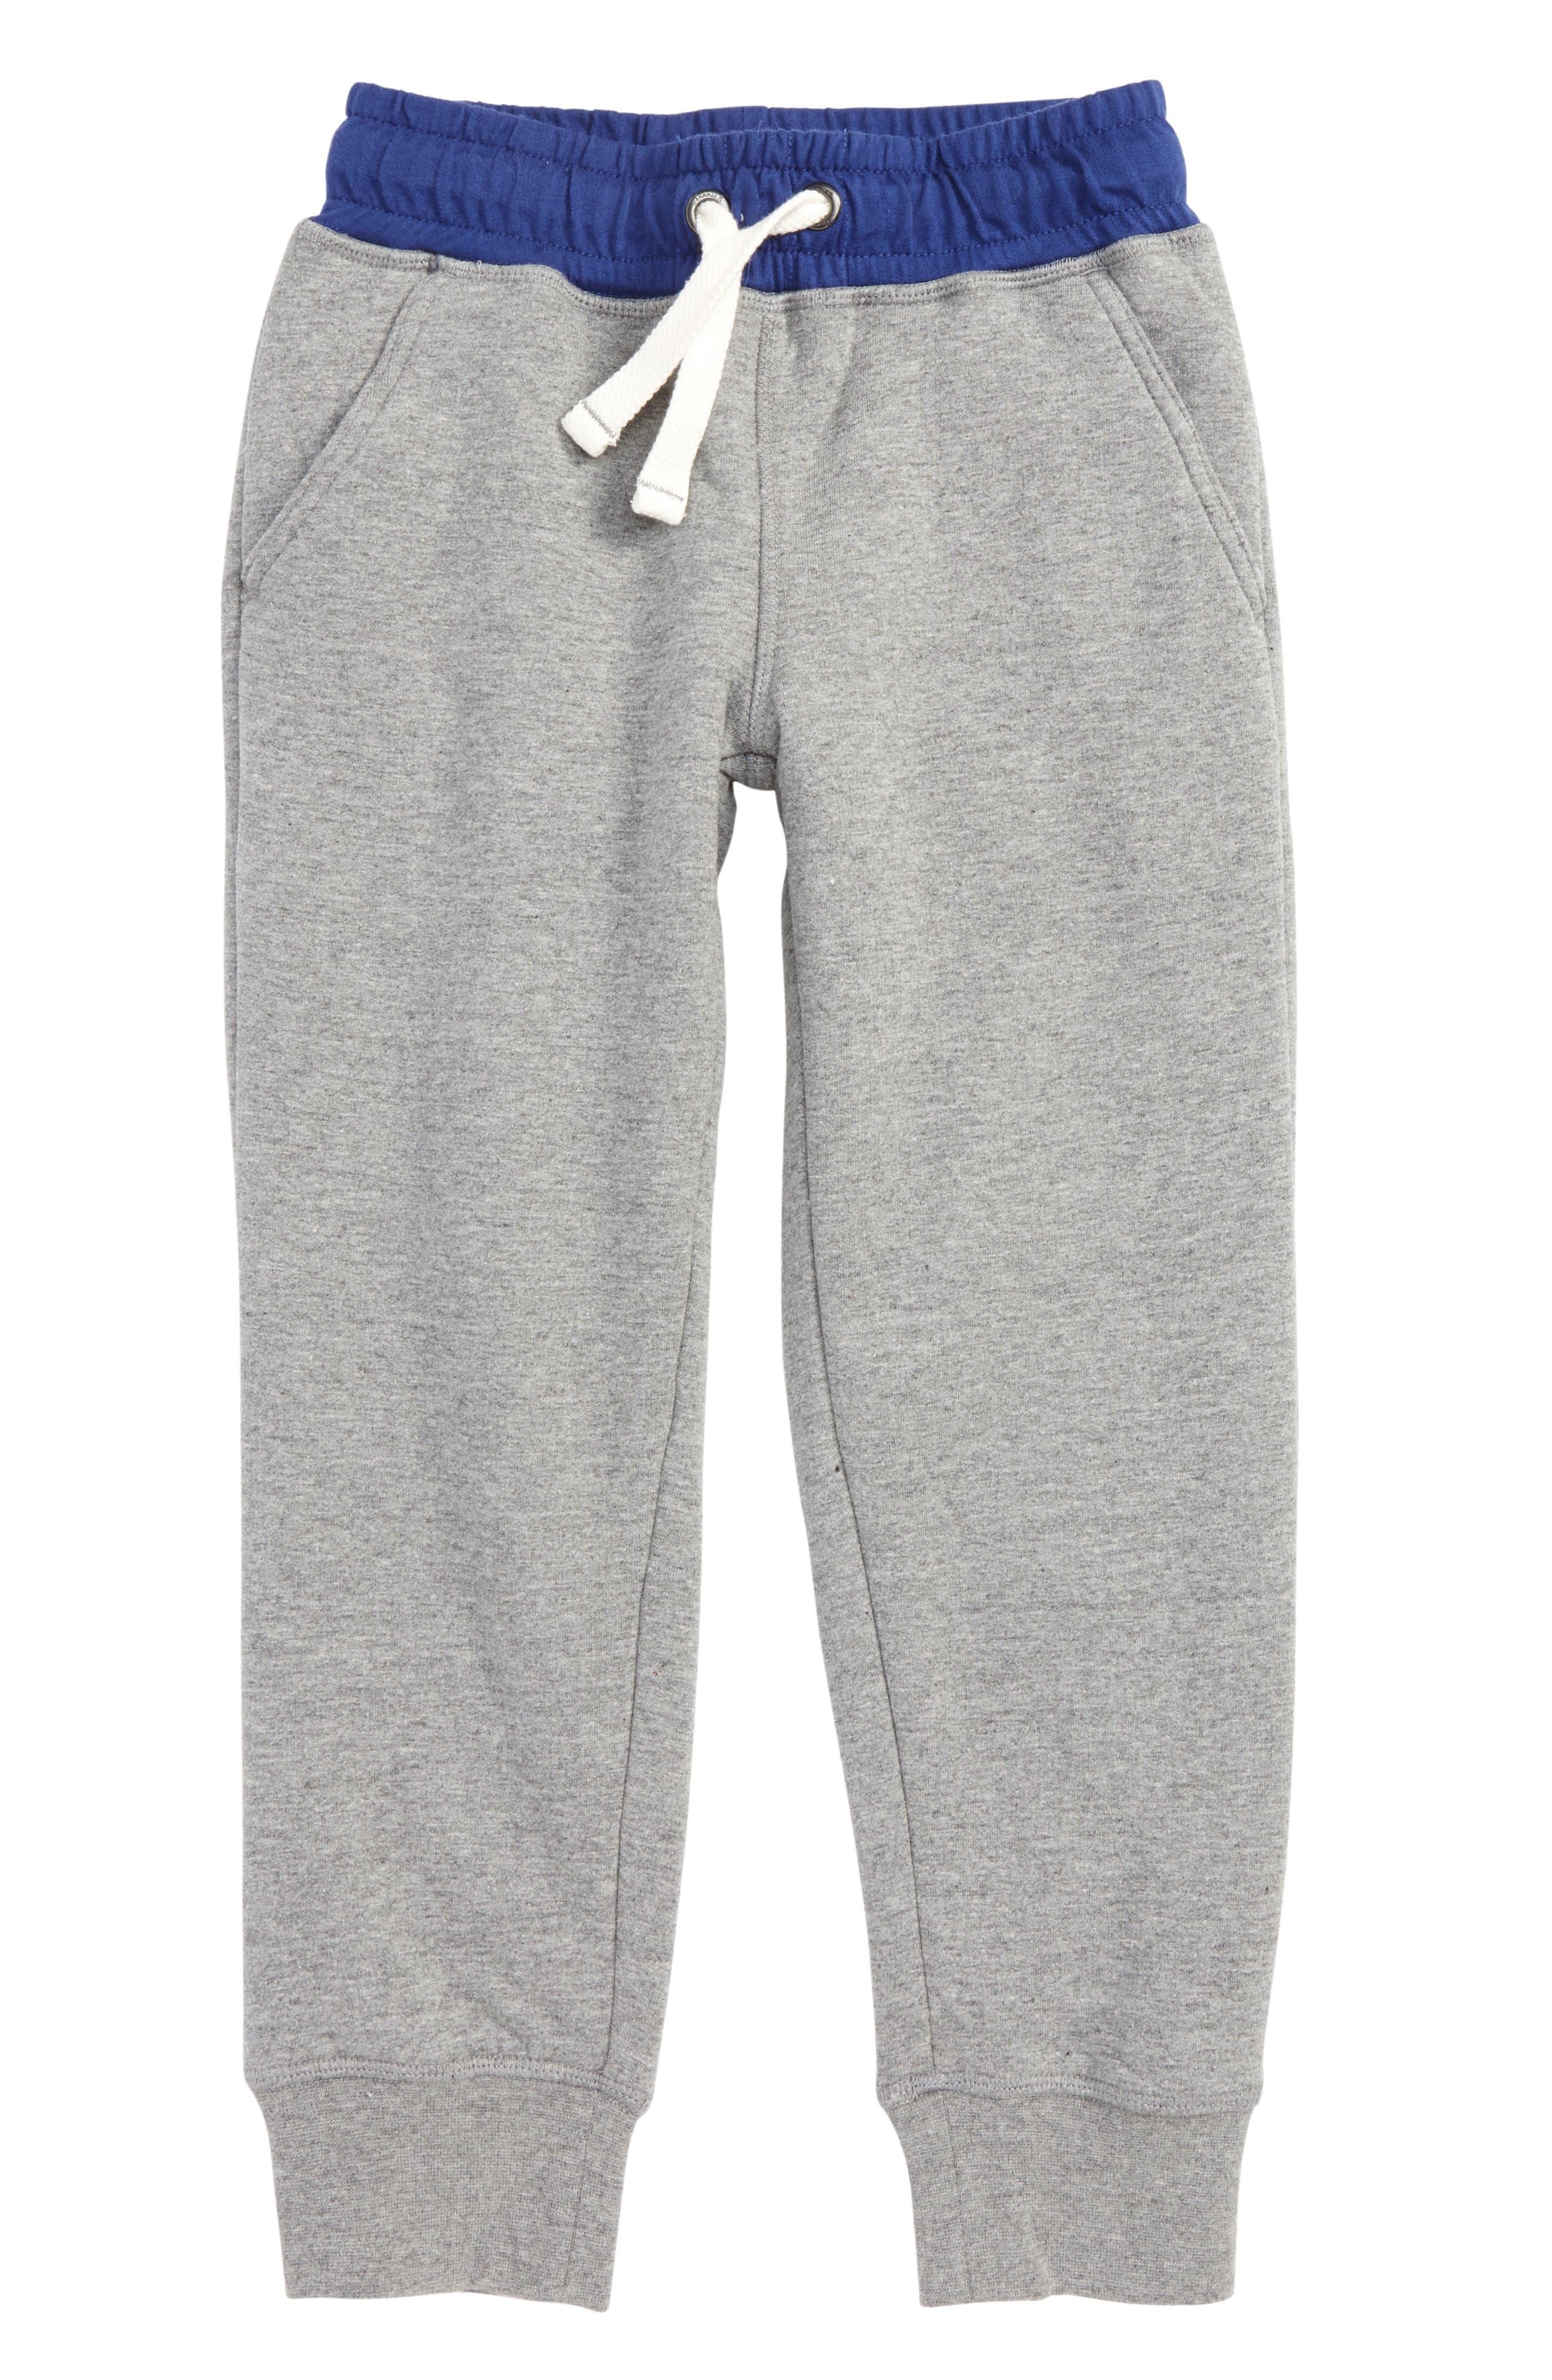 Mini Boden Shaggy Jogger Pants (Little Boys & Big Boys)